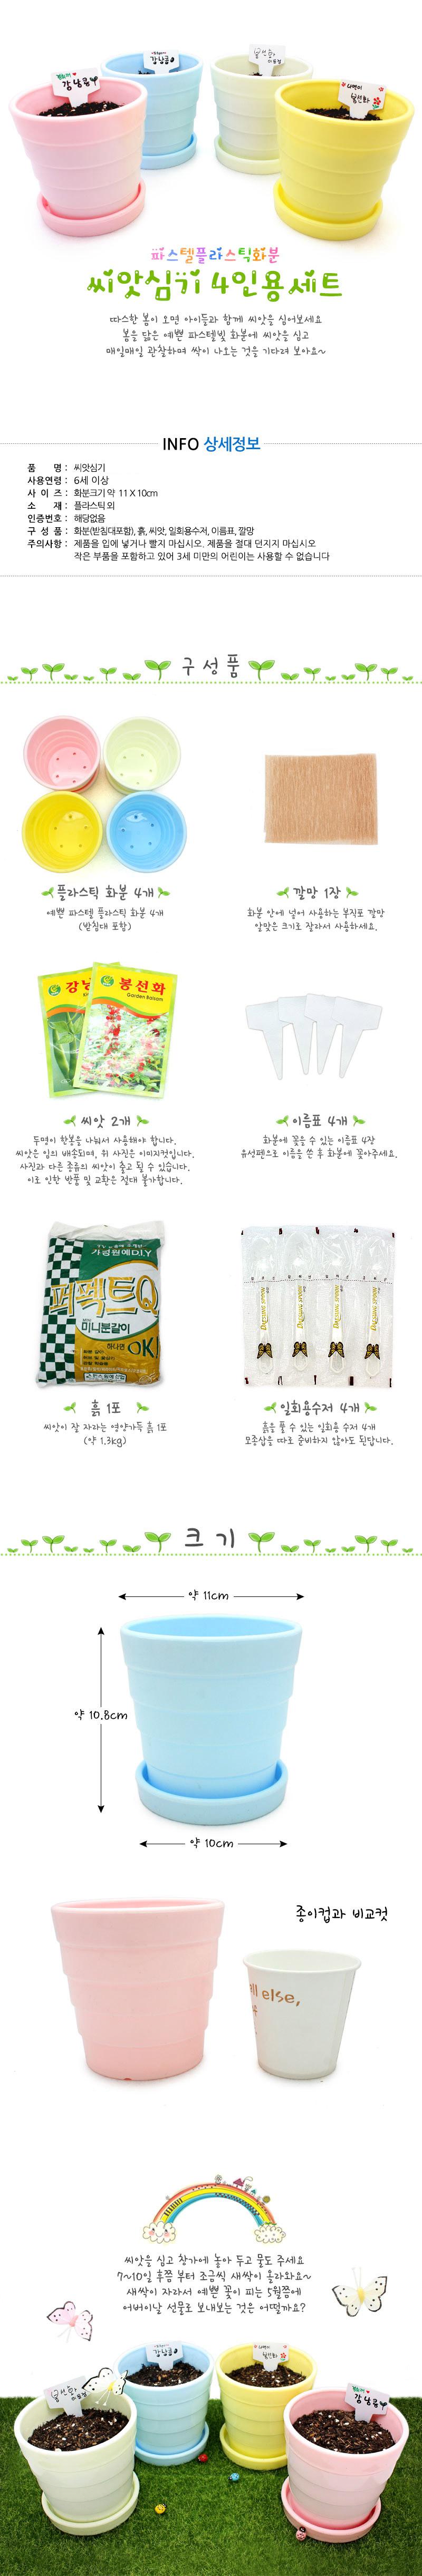 파스텔화분 씨앗심기 (4인용세트) - 에코키즈, 18,000원, 새싹/모종키우기, 씨앗